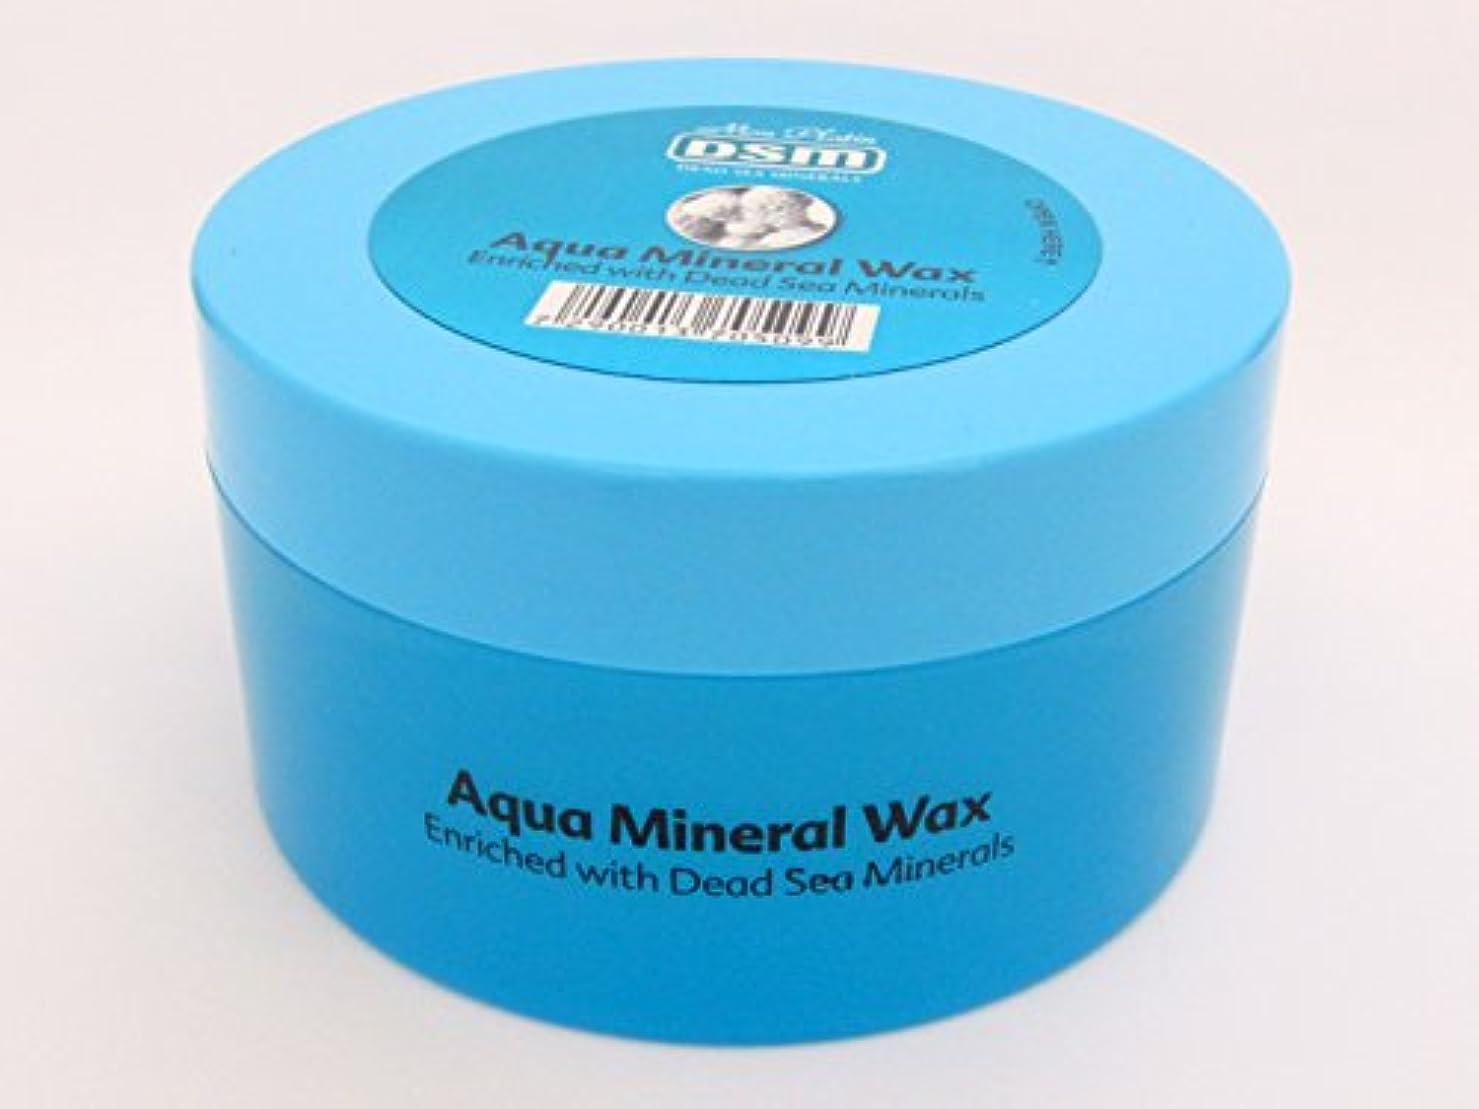 低い帝国主義通常液状ミネラルワックス 280mL Mon Platin 死海ミネラル 整髪 全髪タイプ 天然 お手入れ 美容 イスラエル (Aqua Mineral Wax)